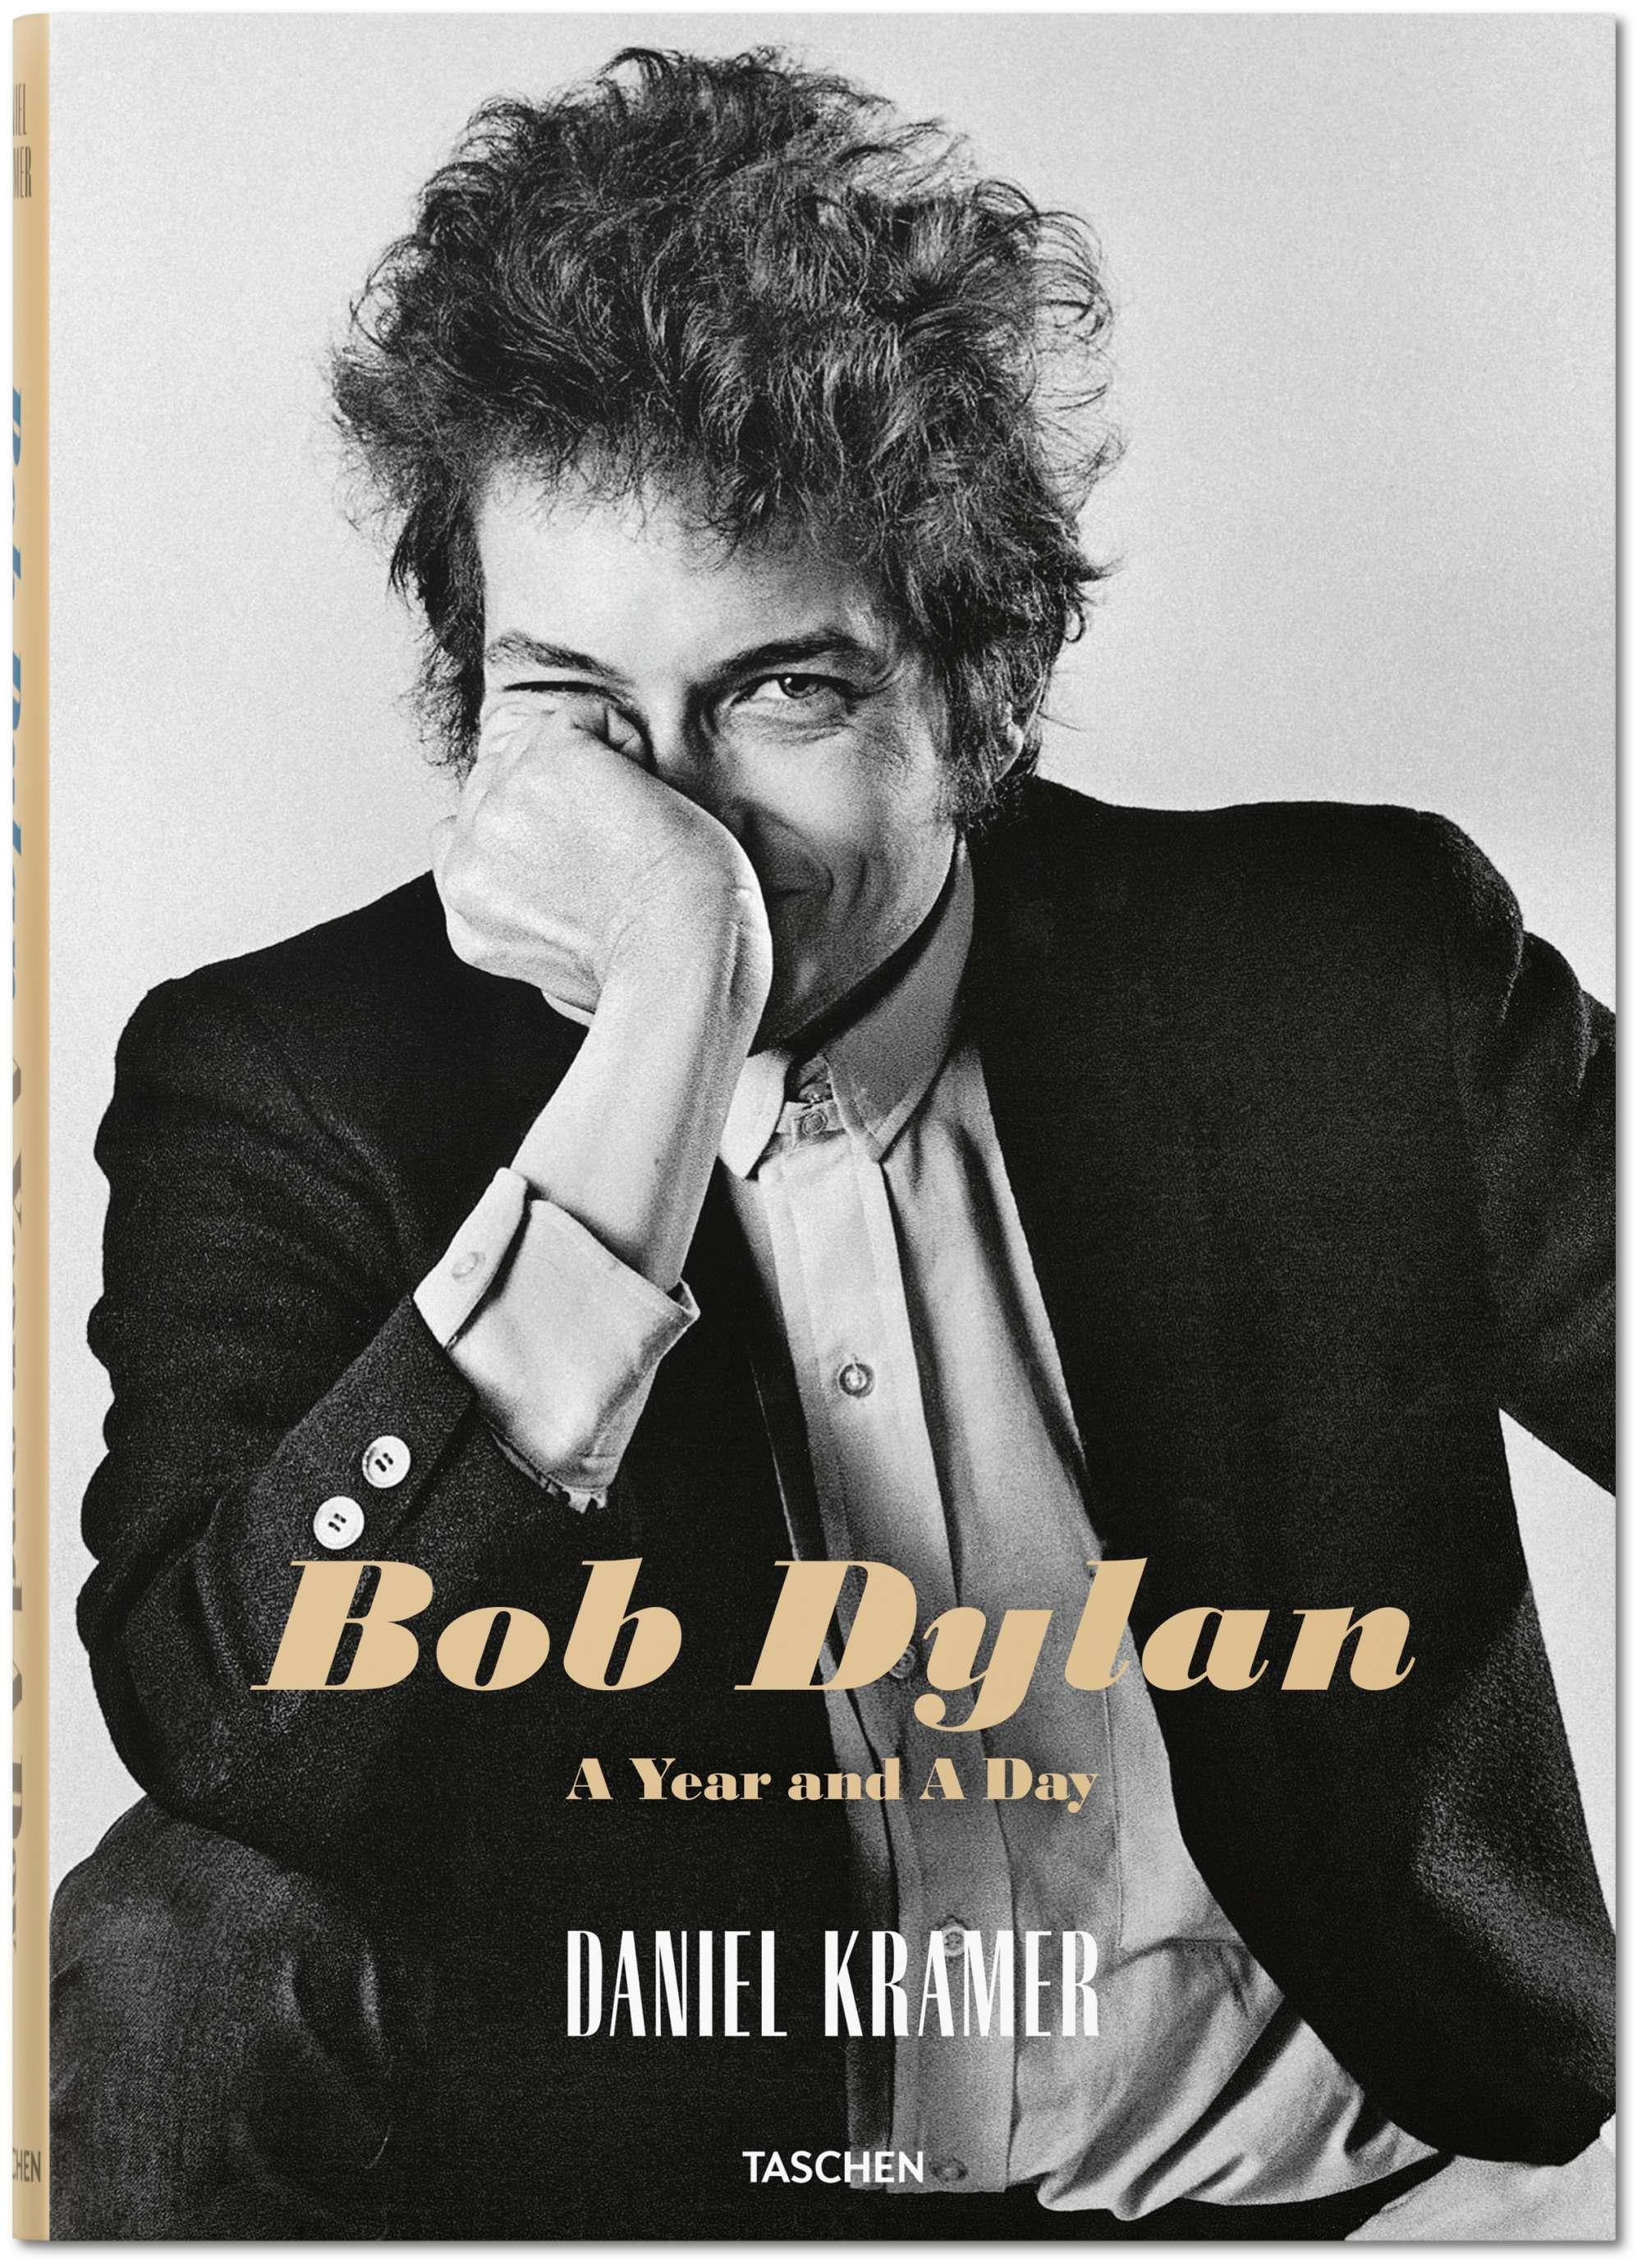 Το εξώφυλλο του βιβλίου «Bob Dylan. A year and a Day» που κυκλοφορεί από τις εκδόσεις Taschen